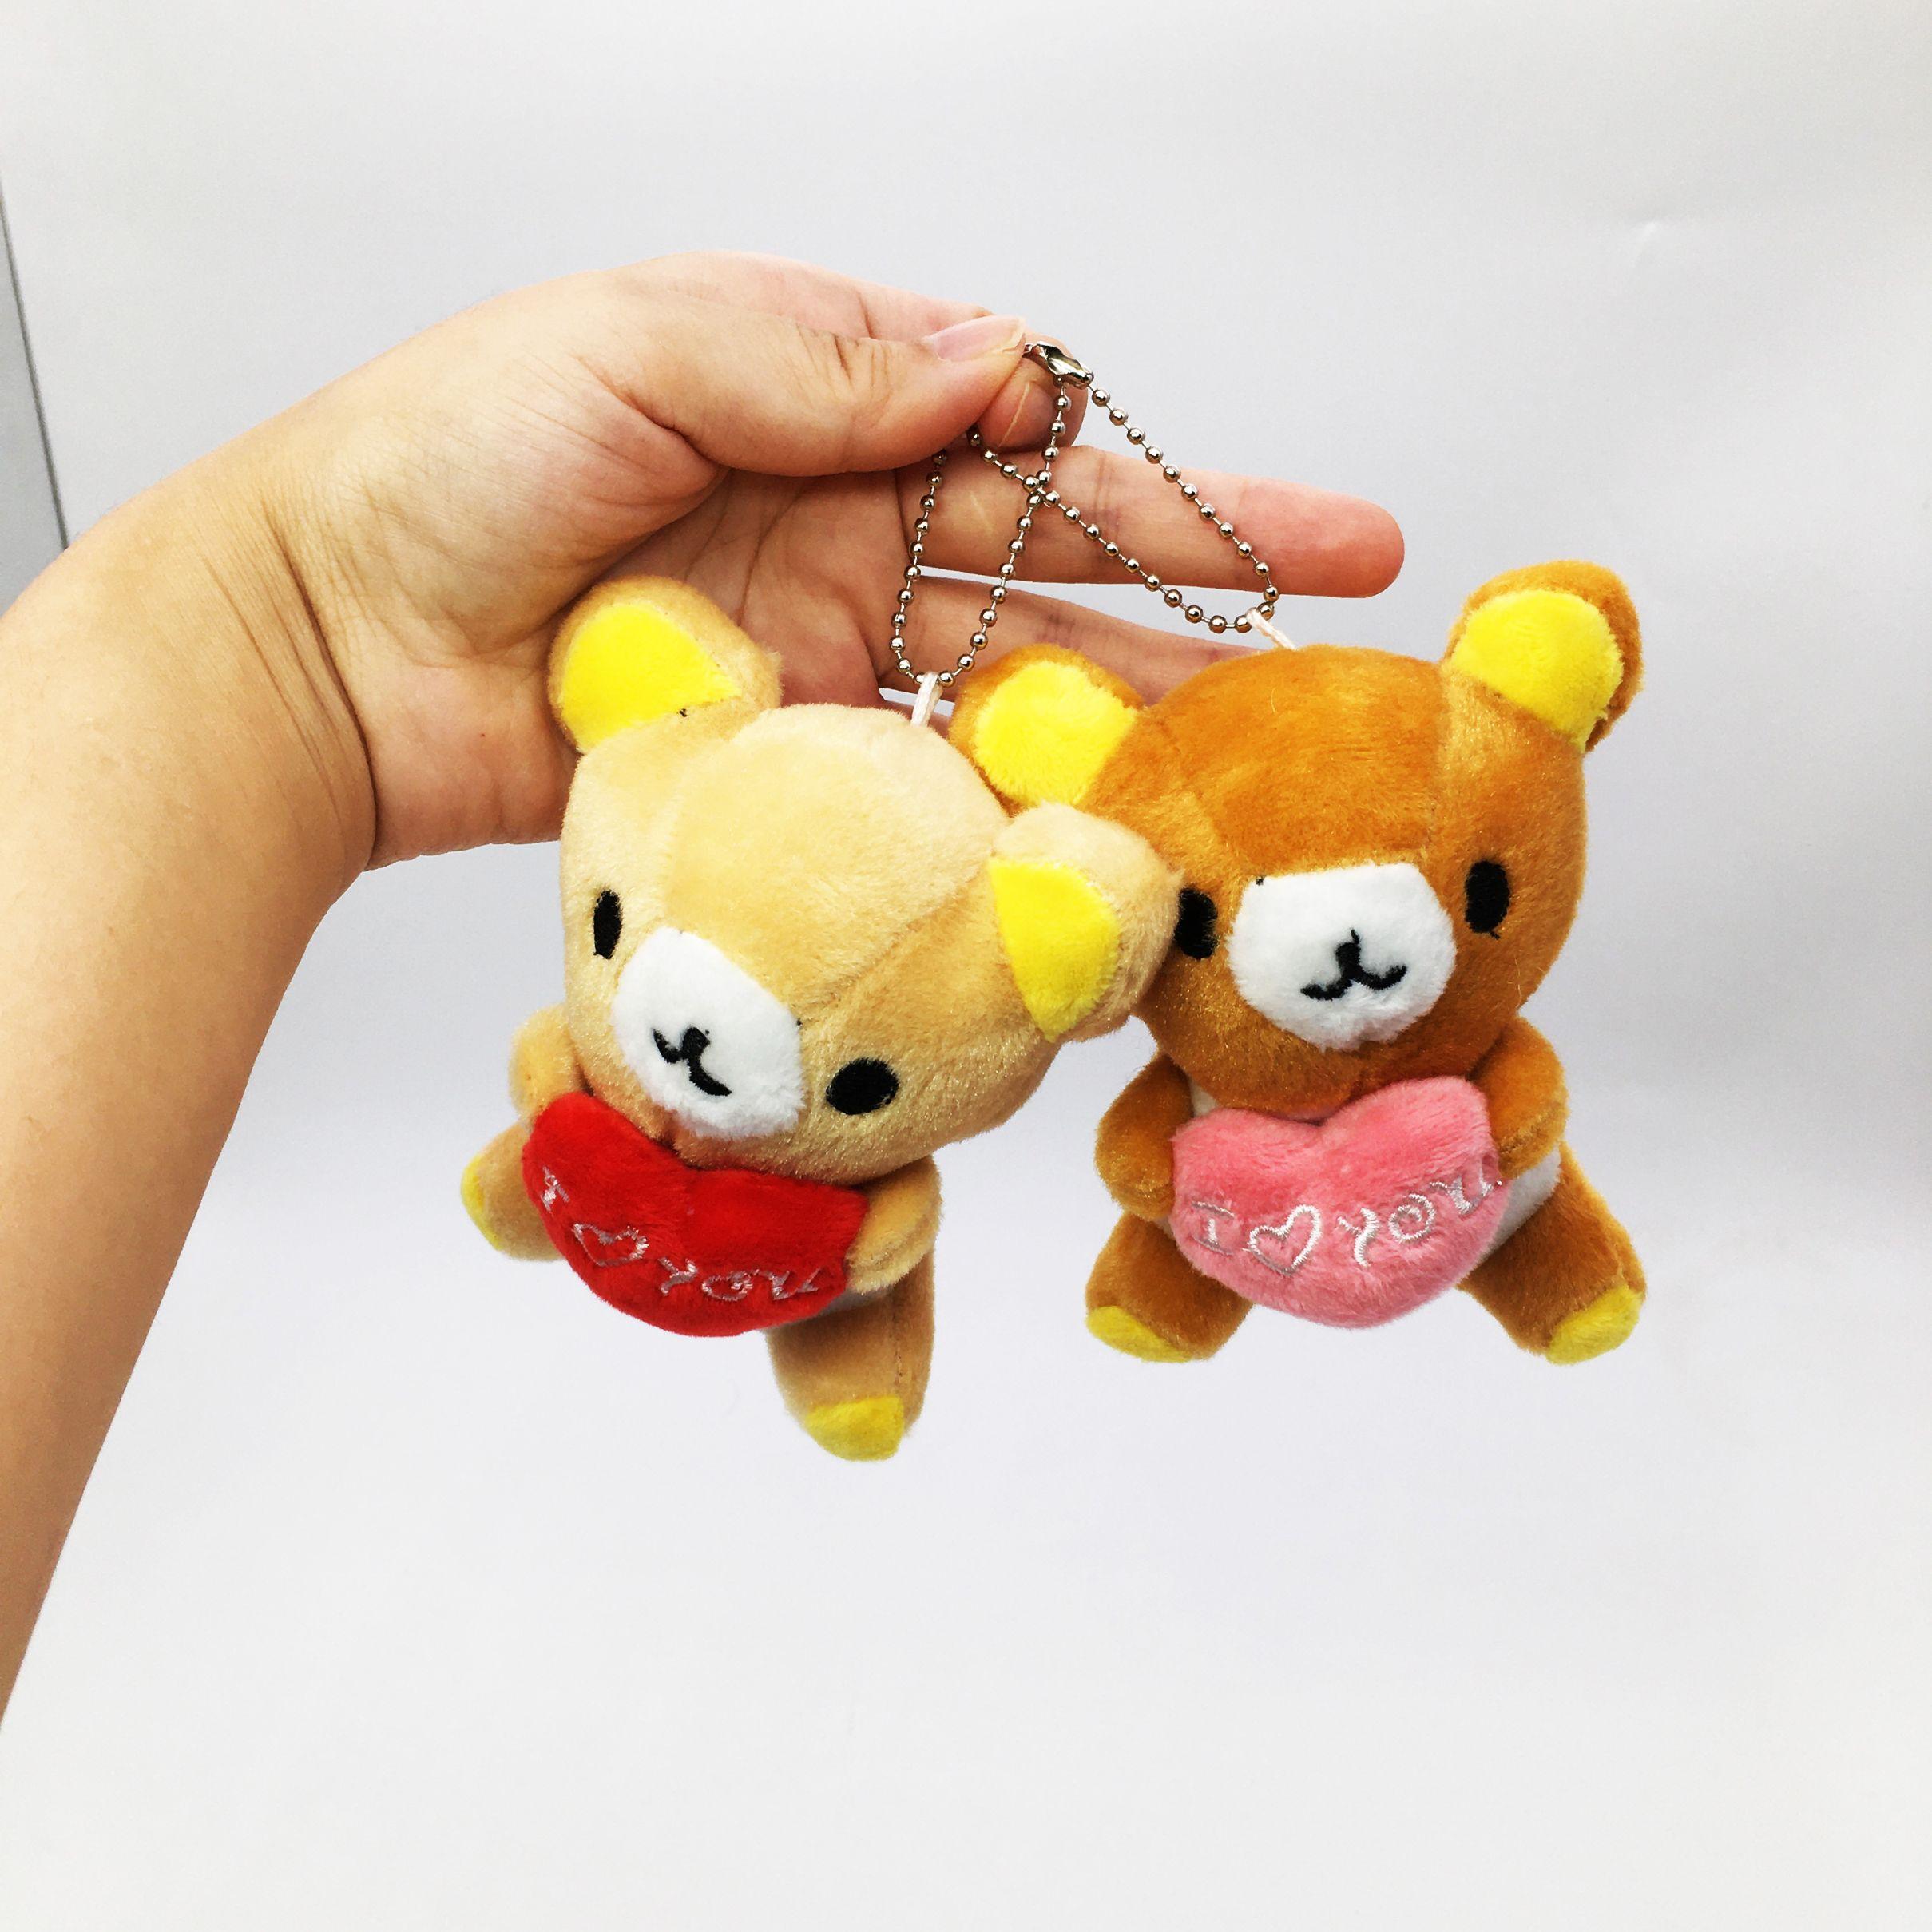 新款日本熊毛绒玩具挂件爱心熊包包衣服配饰婚庆抛洒节日礼物批发